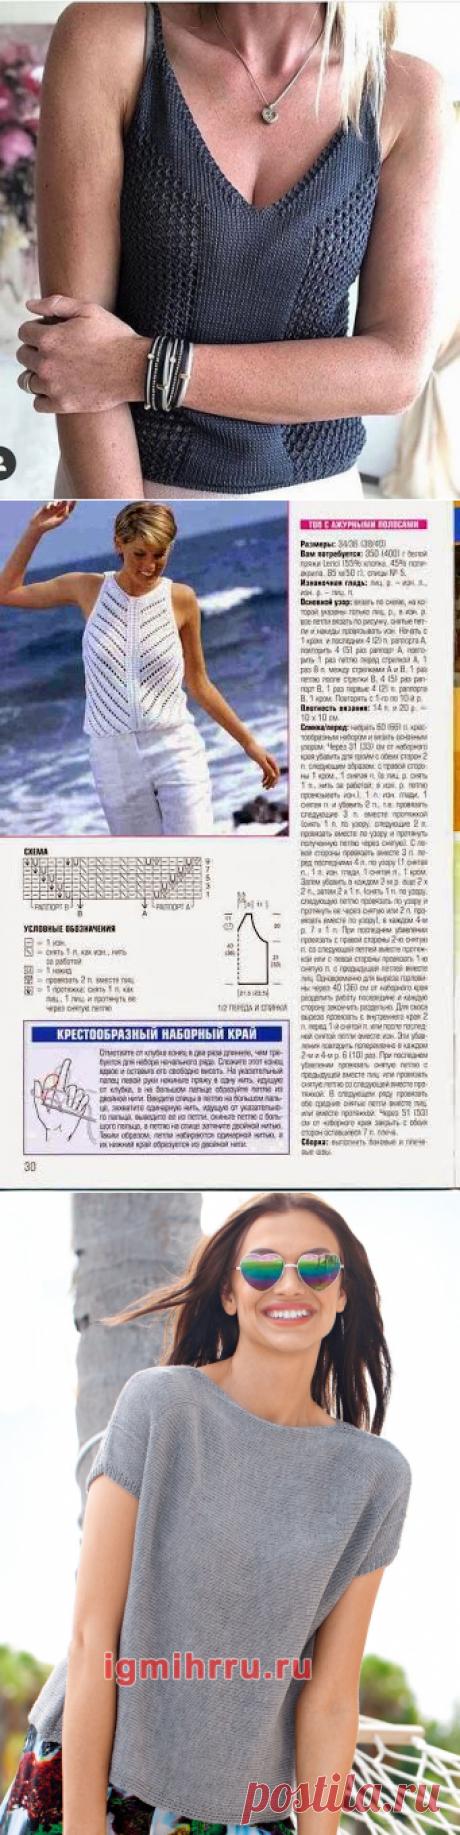 Вяжем летние топики спицами – 8 моделей (Вязание спицами) – Журнал Вдохновение Рукодельницы